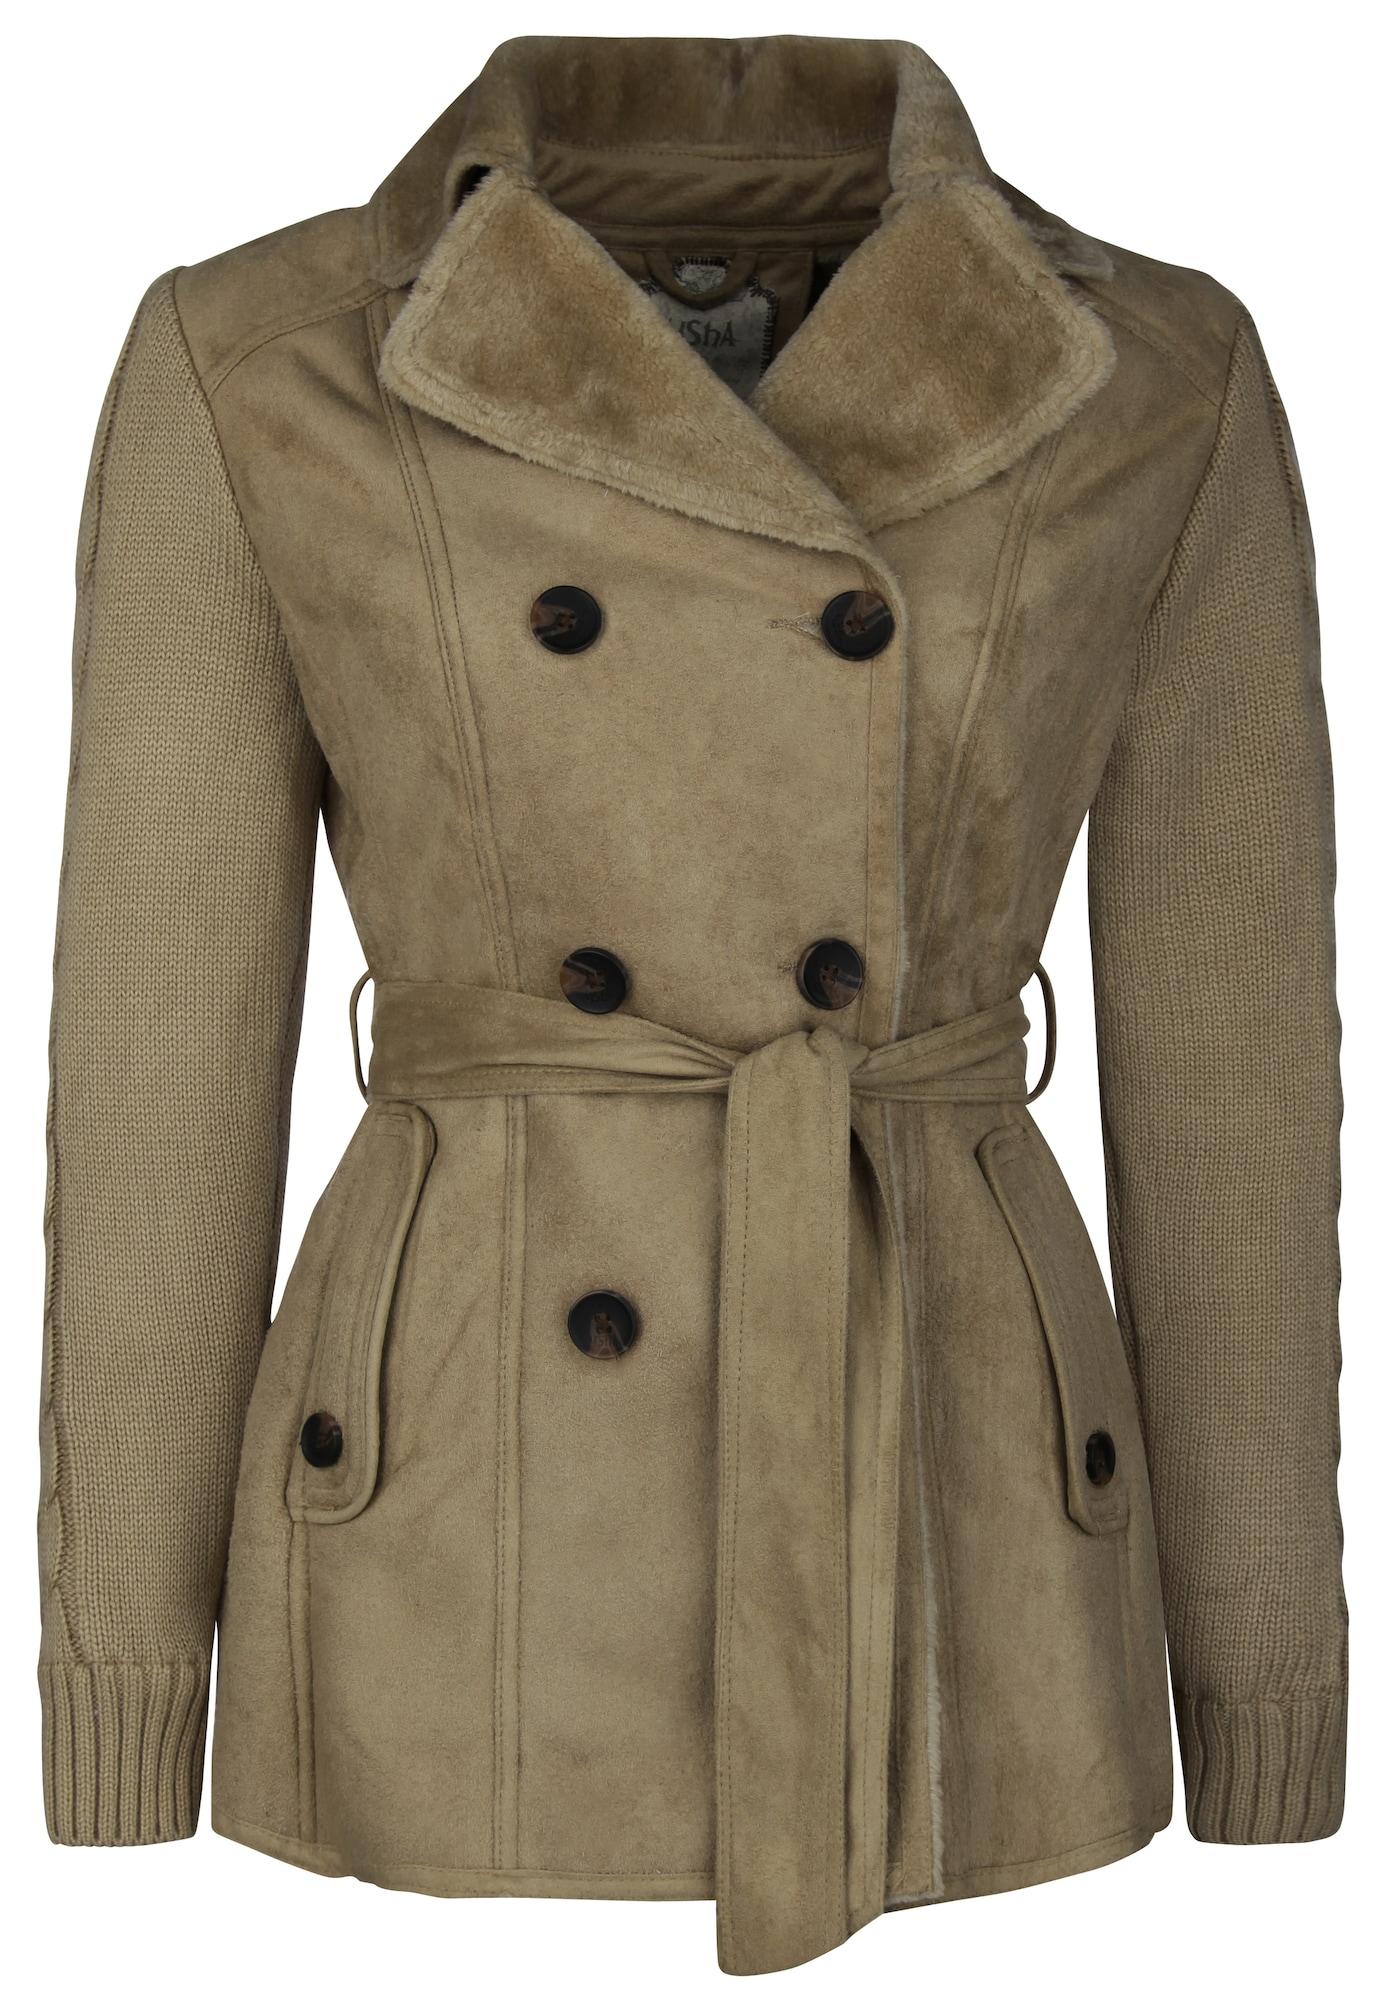 7c41ed61a6f43b Damen Mäntel online günstig kaufen über shop24.at | shop24